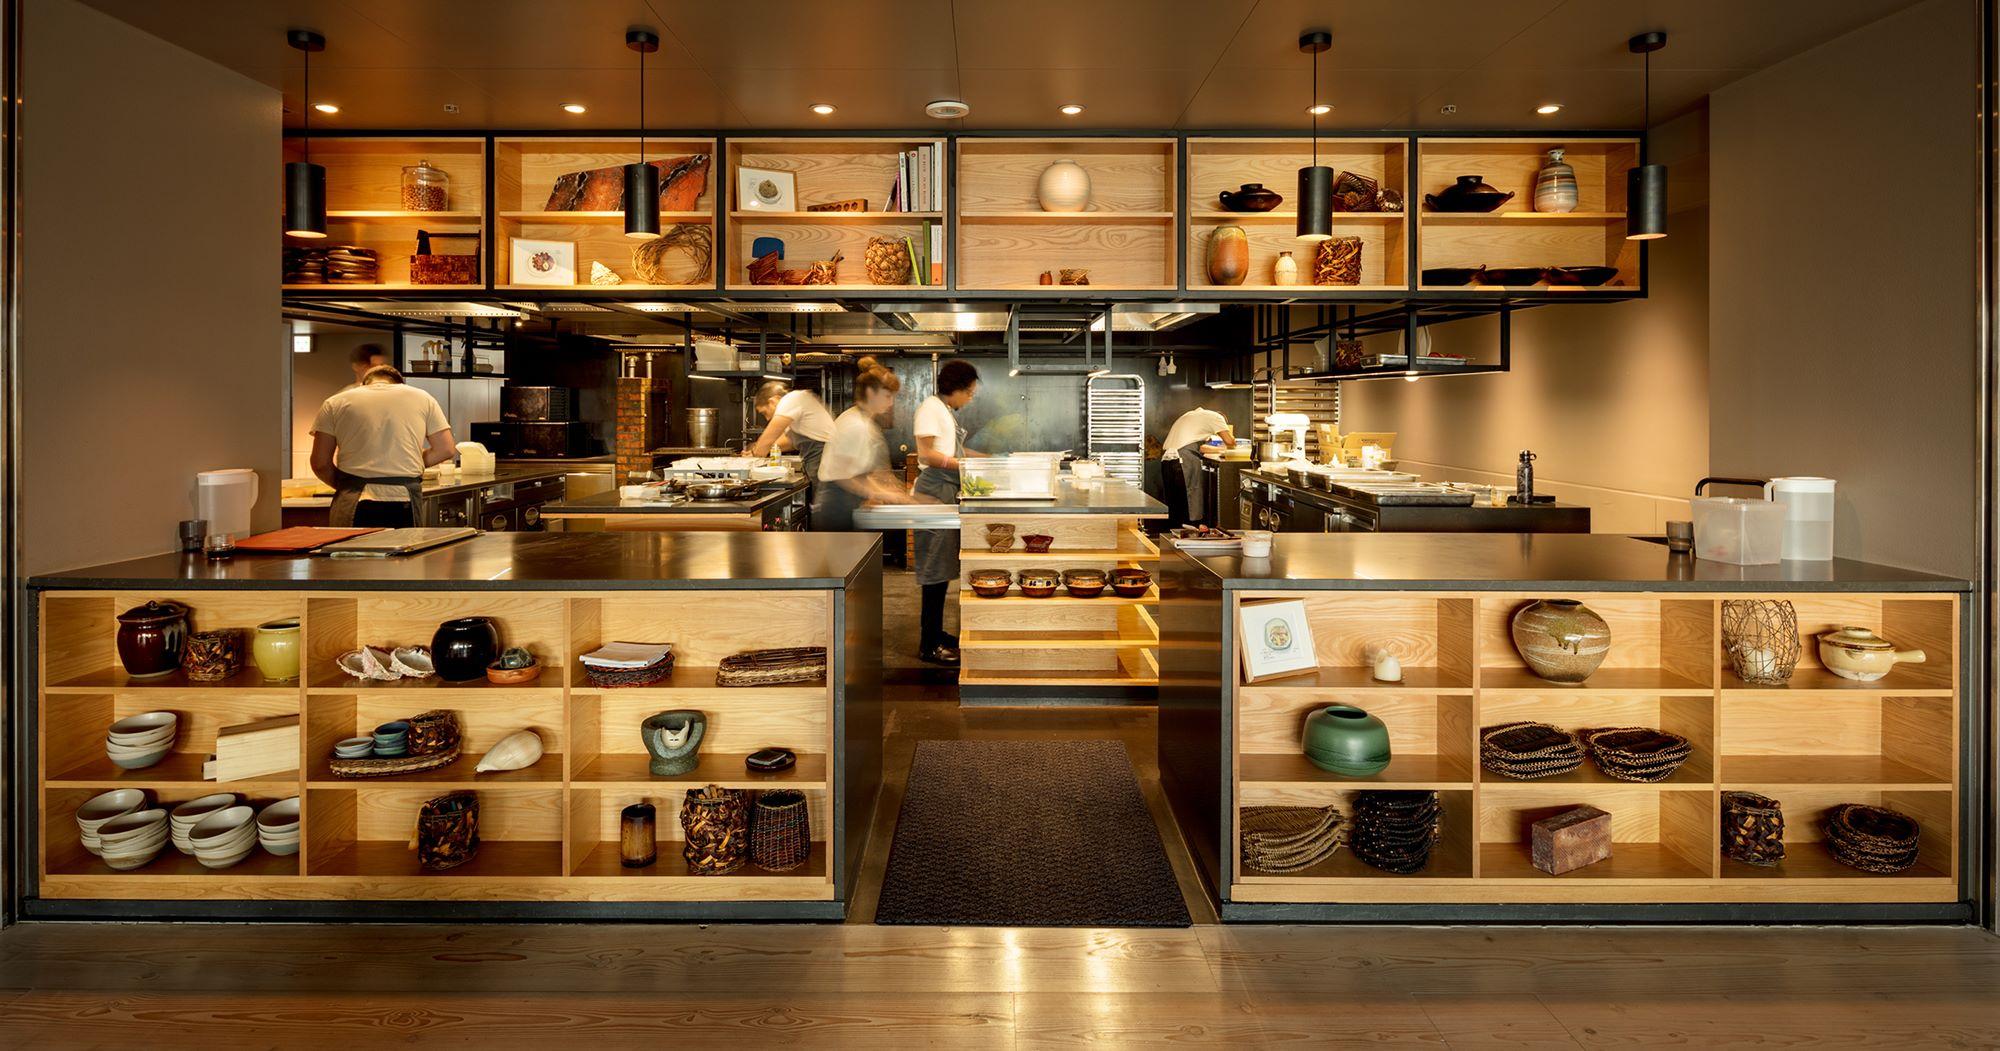 多くのシェフが立ち働くオープンキッチン。親しげな雰囲気が漂い、ダイニング空間から眺めるのも楽しい。